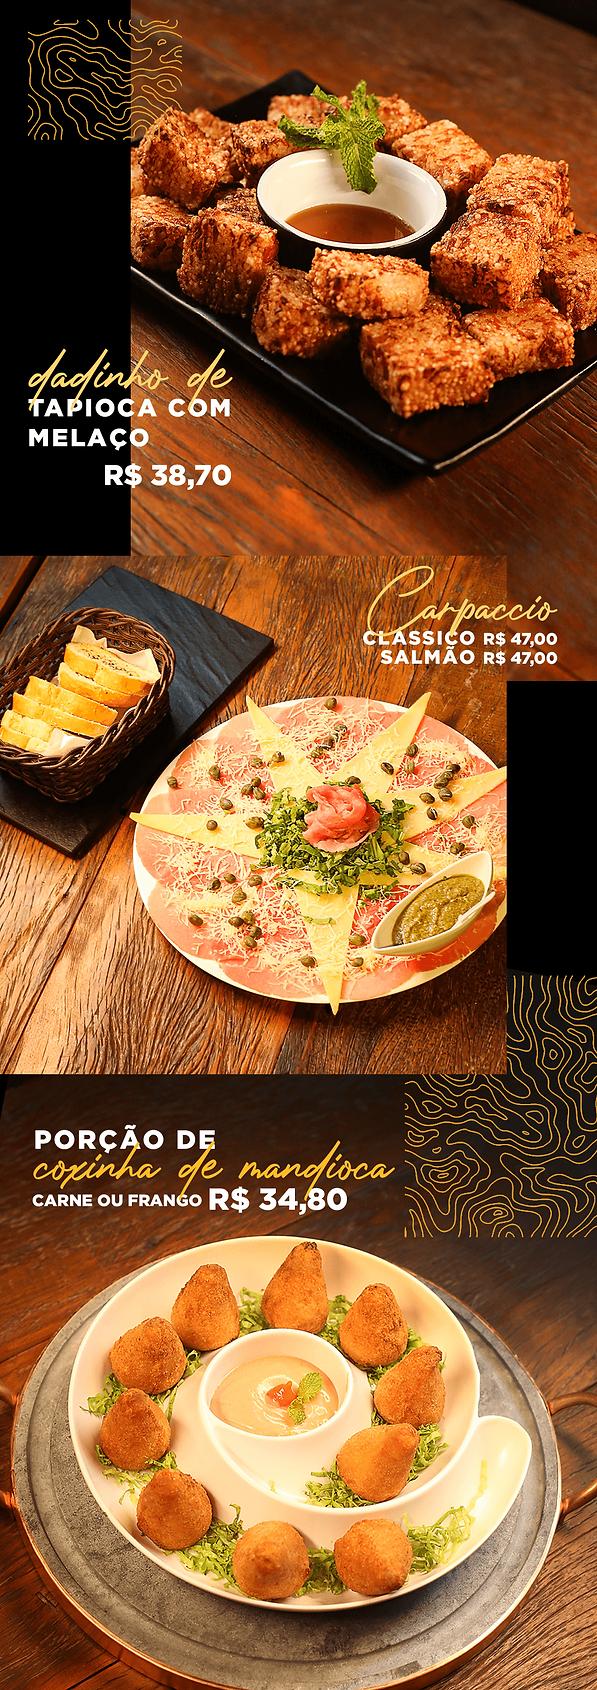 carpaccio (1).png